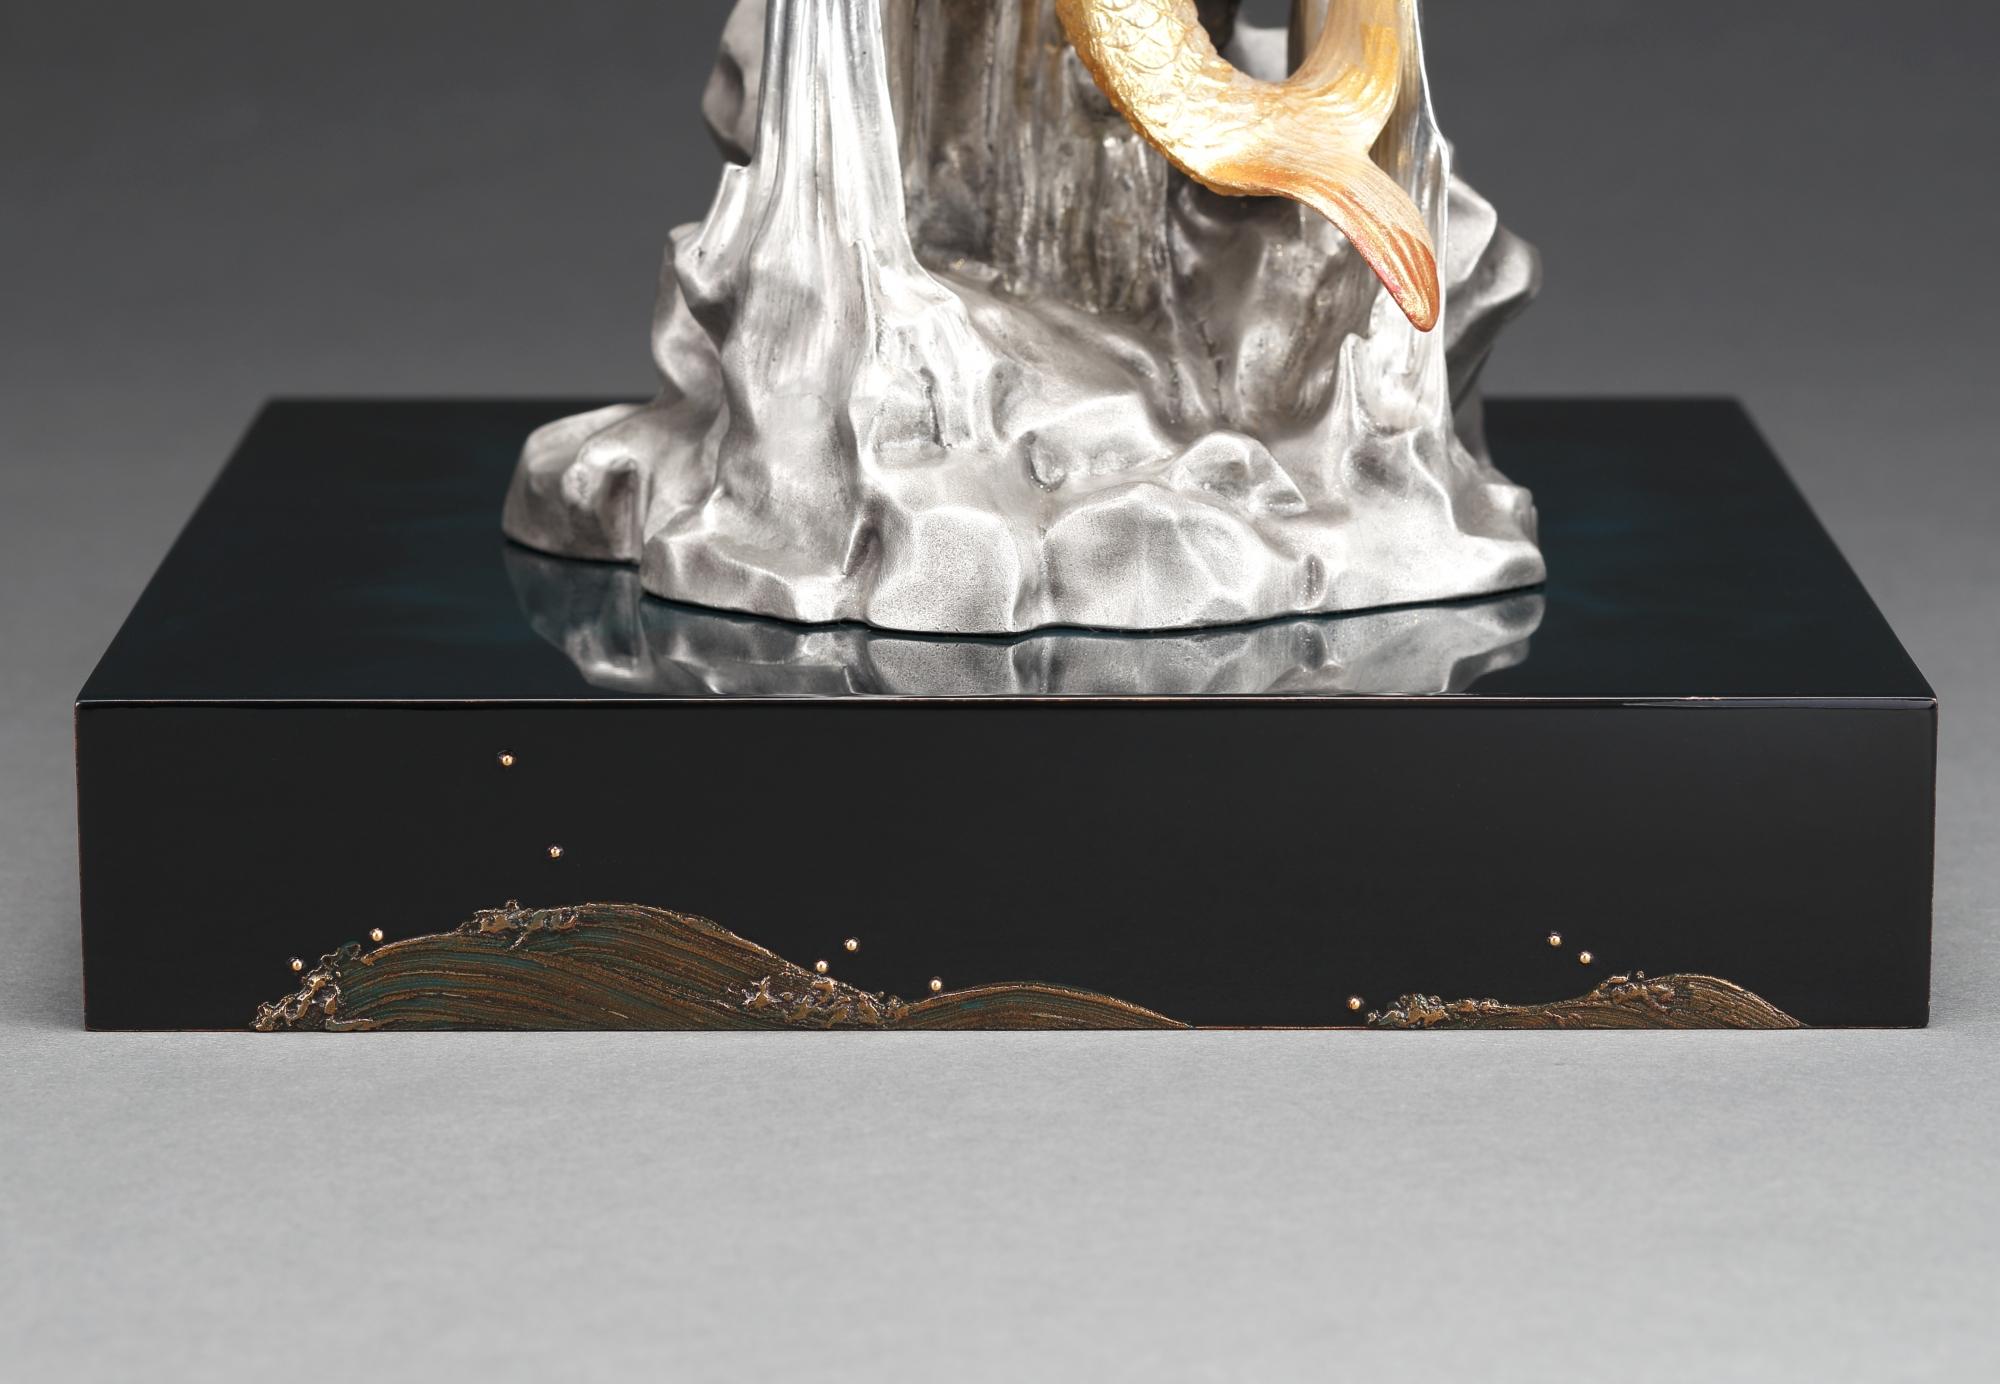 昇鯉 彩 -irodori-画像2